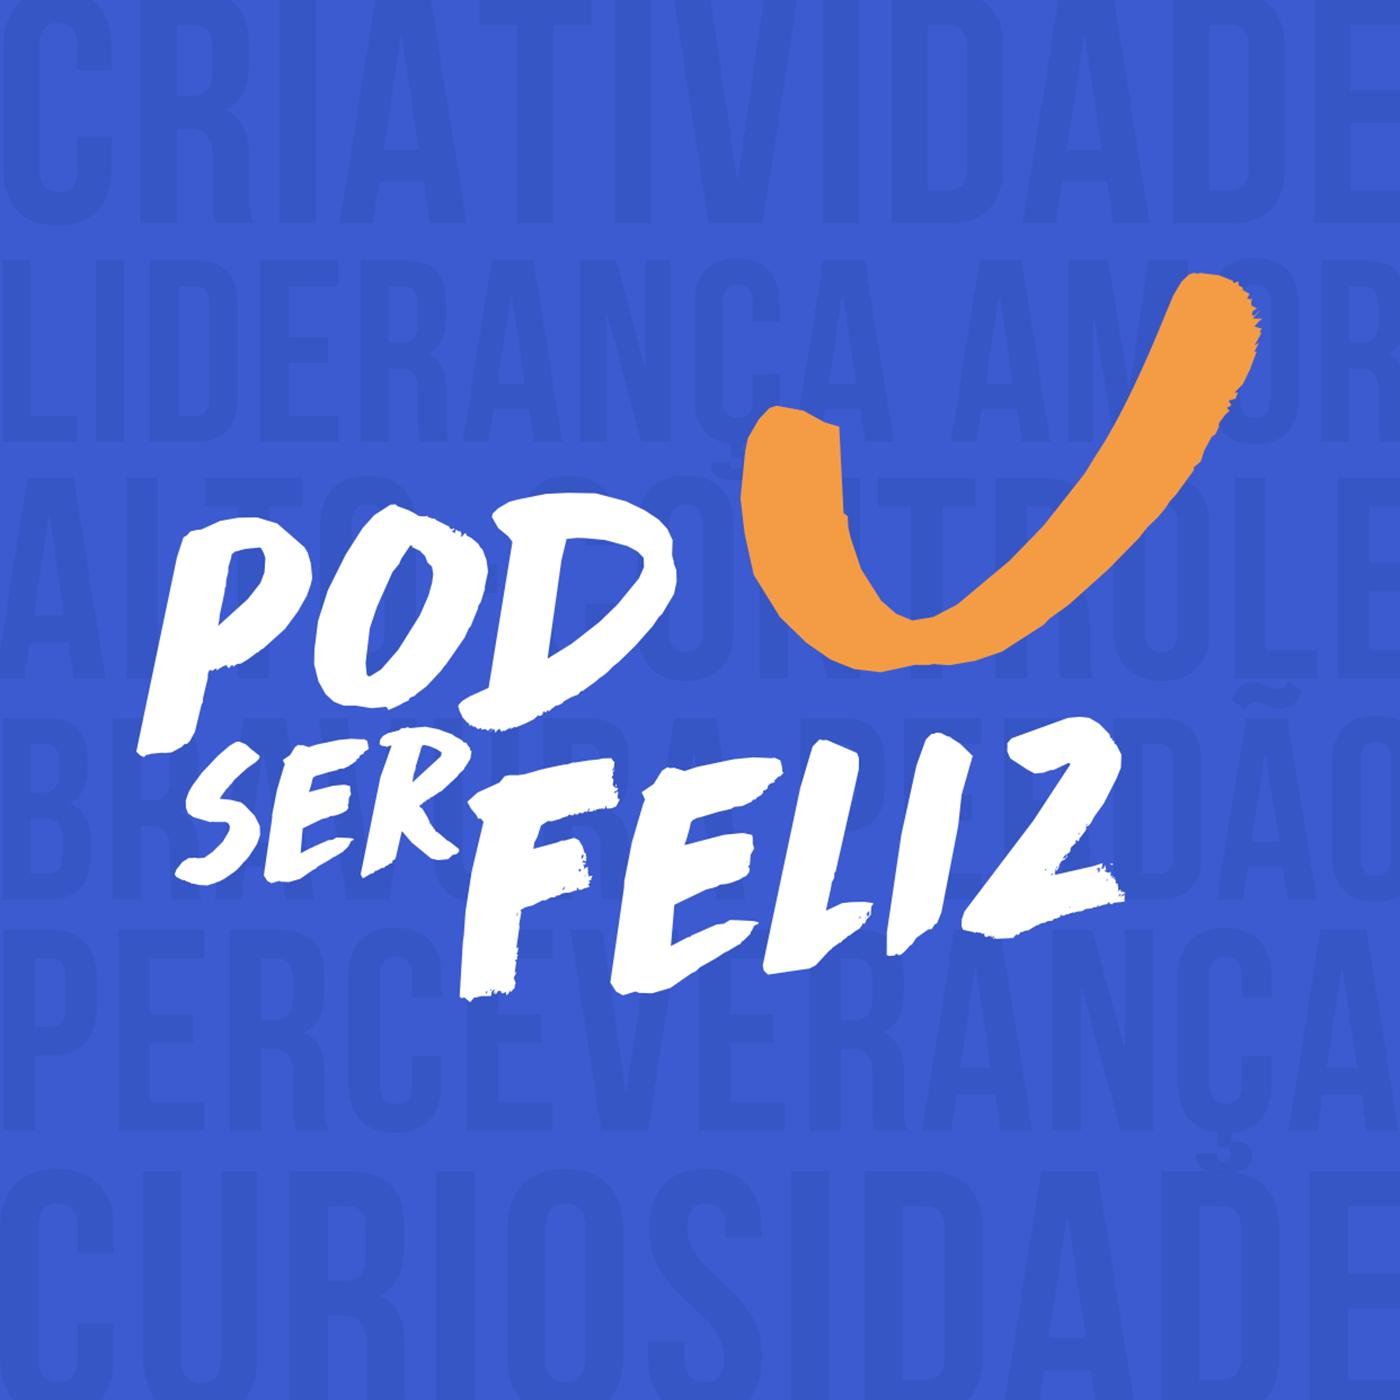 Imagem do PodSerFeliz